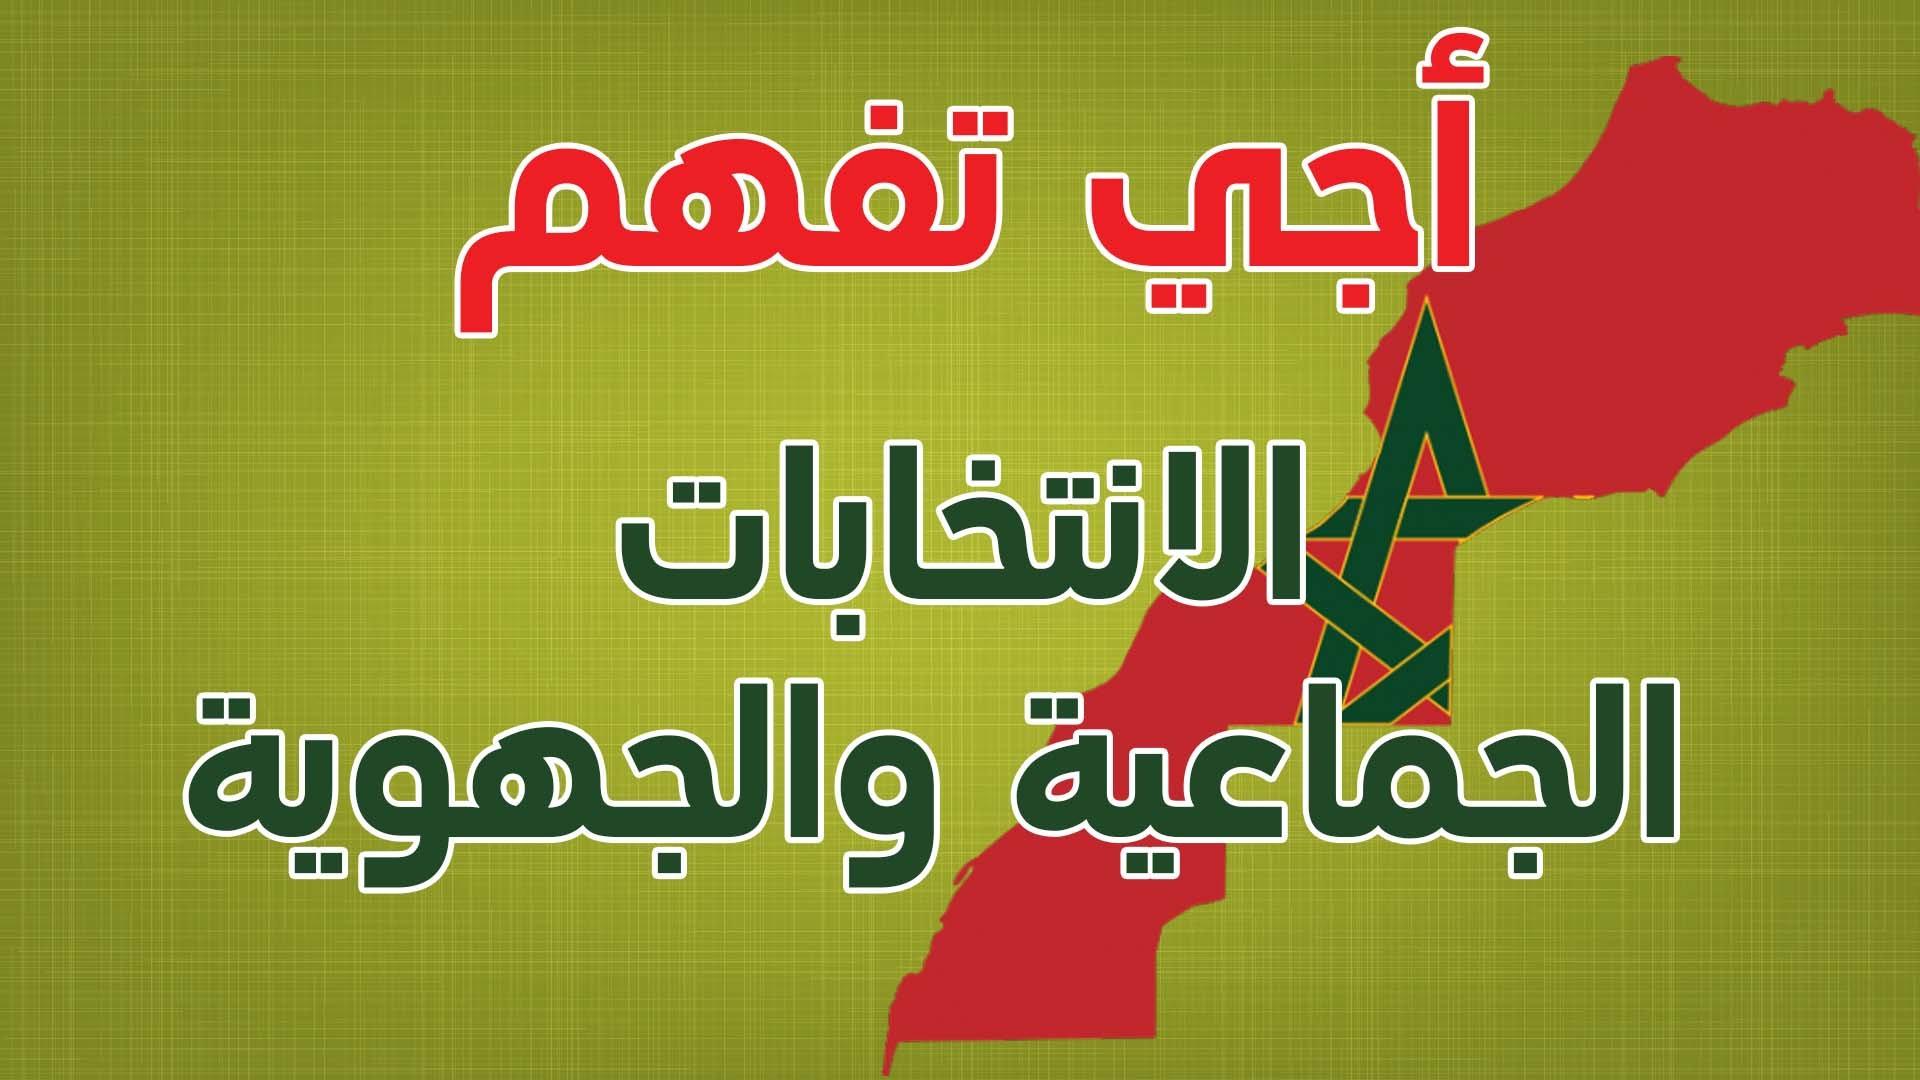 شرح مبسط ورائع للانتخابات الجماعية والجهوية بالمغرب 2015